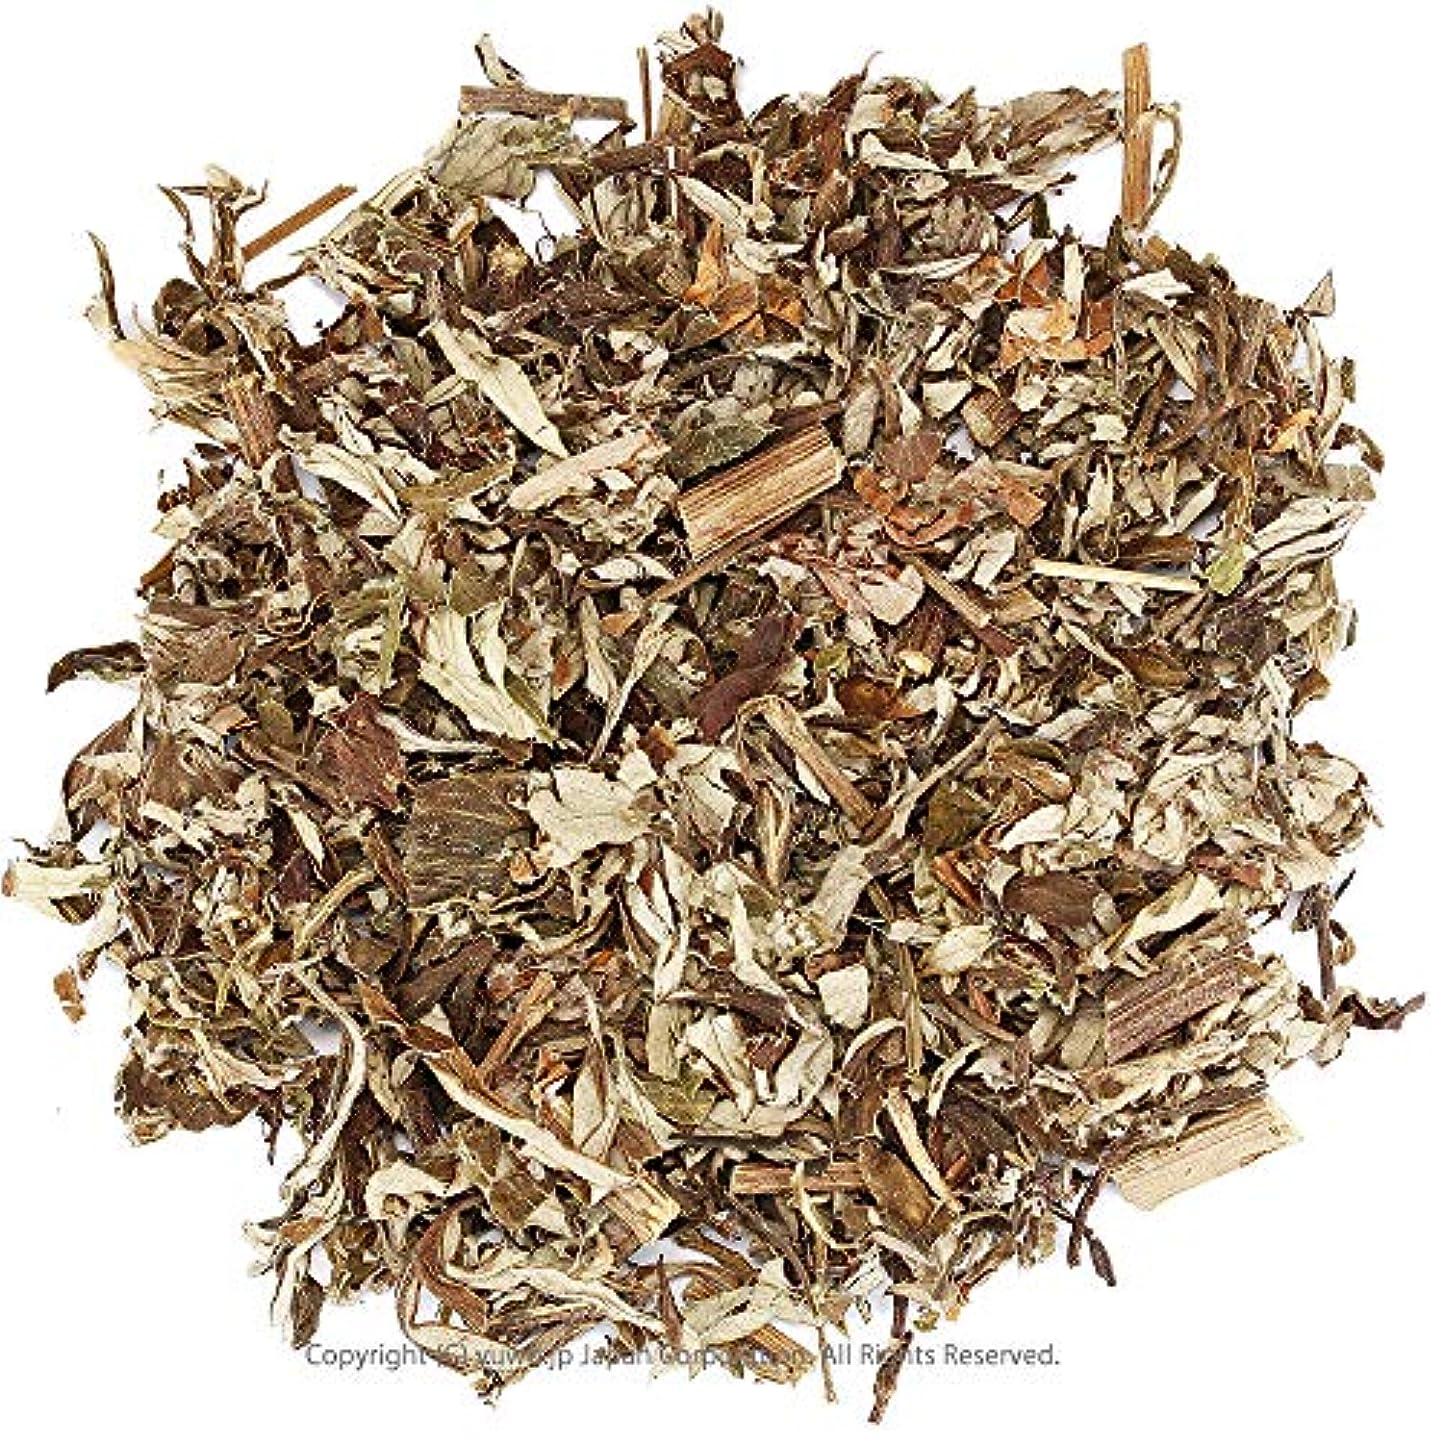 タンカー四分円食品ヨモギ業務用 500g 蓬茶 本場韓国産ヨモギ 葉(地上部 主に葉)100% 乾燥よもぎ茶 よもぎ風呂 ヨモギ蒸し